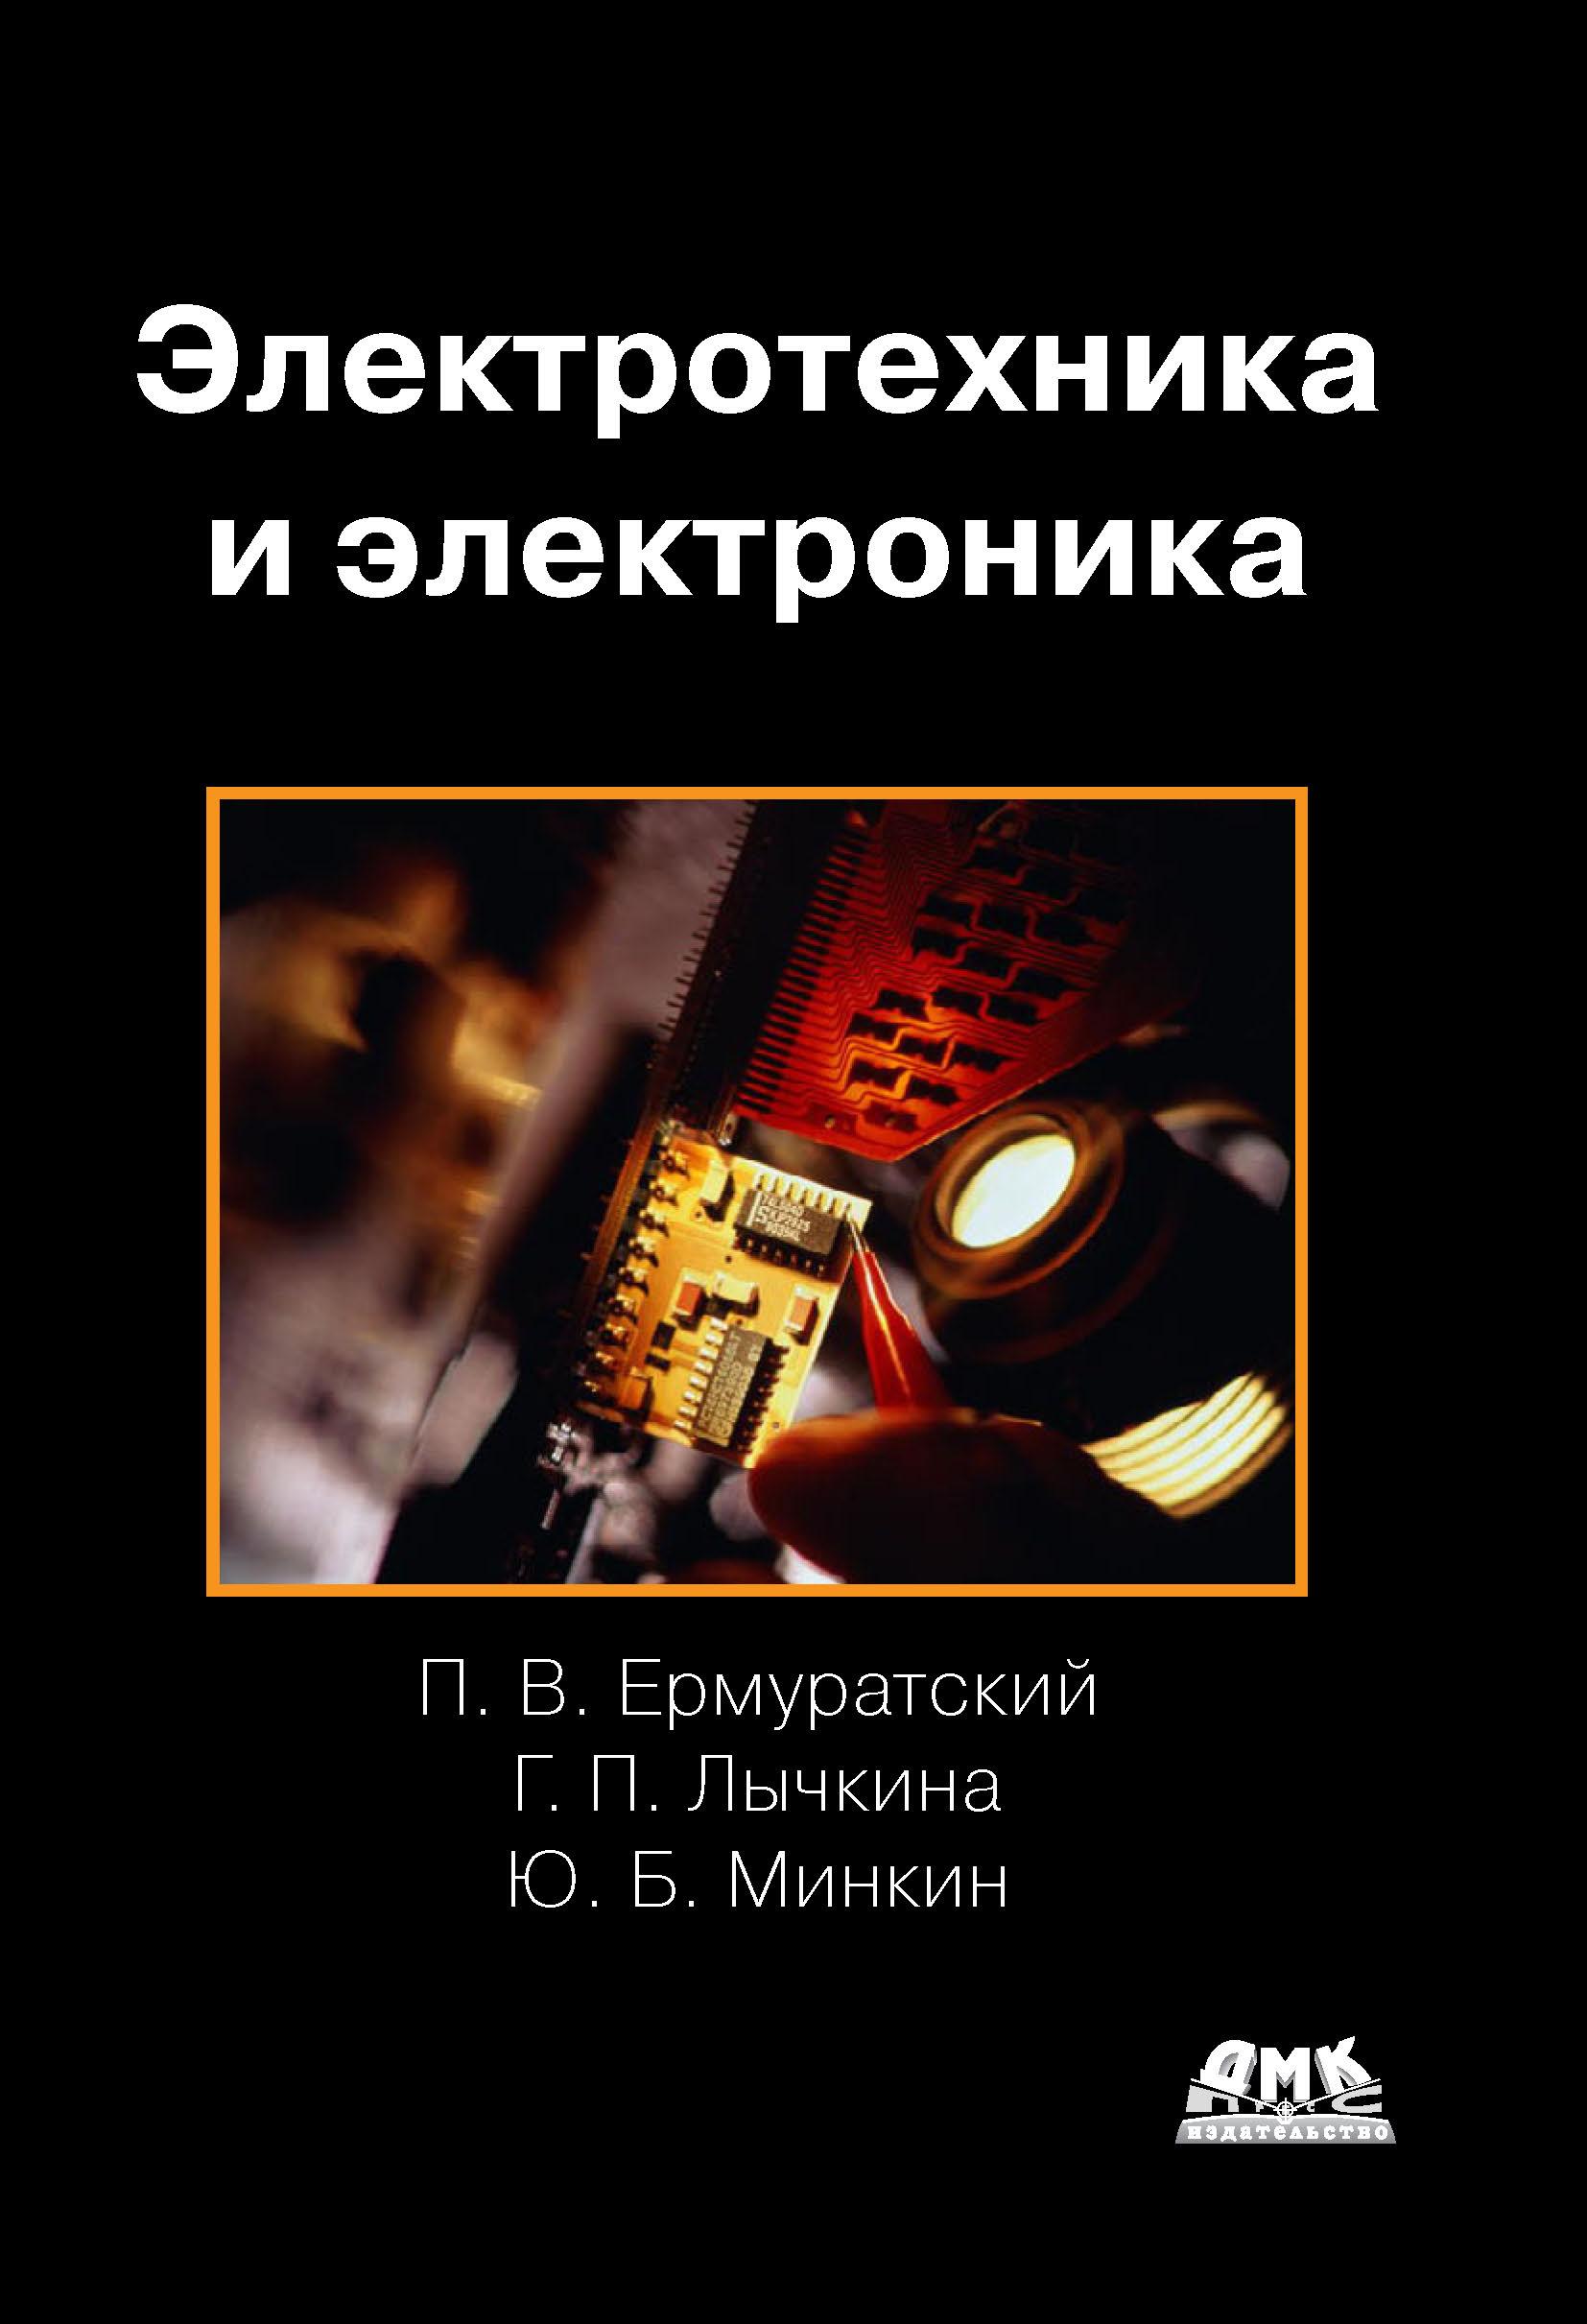 П. В. Ермуратский Электротехника и электроника курбатов п ред основы теории электрических аппаратов издание пятое переработанное и дополненное